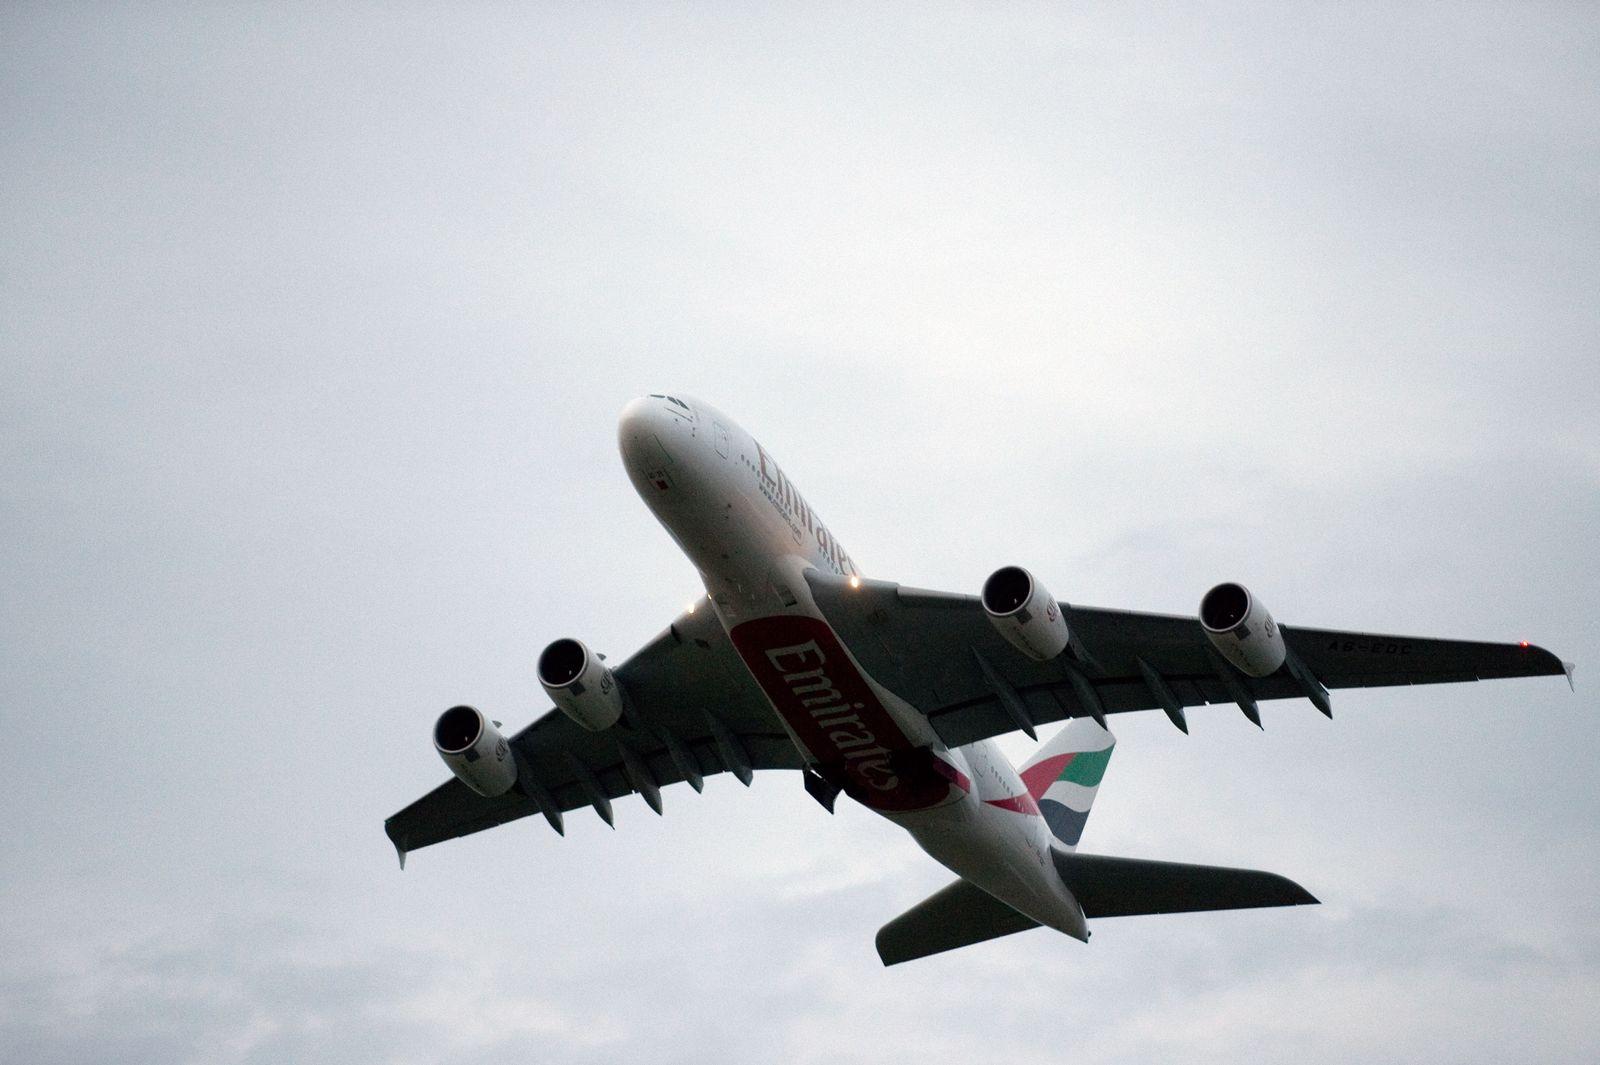 NICHT VERWENDEN A380 Emirates